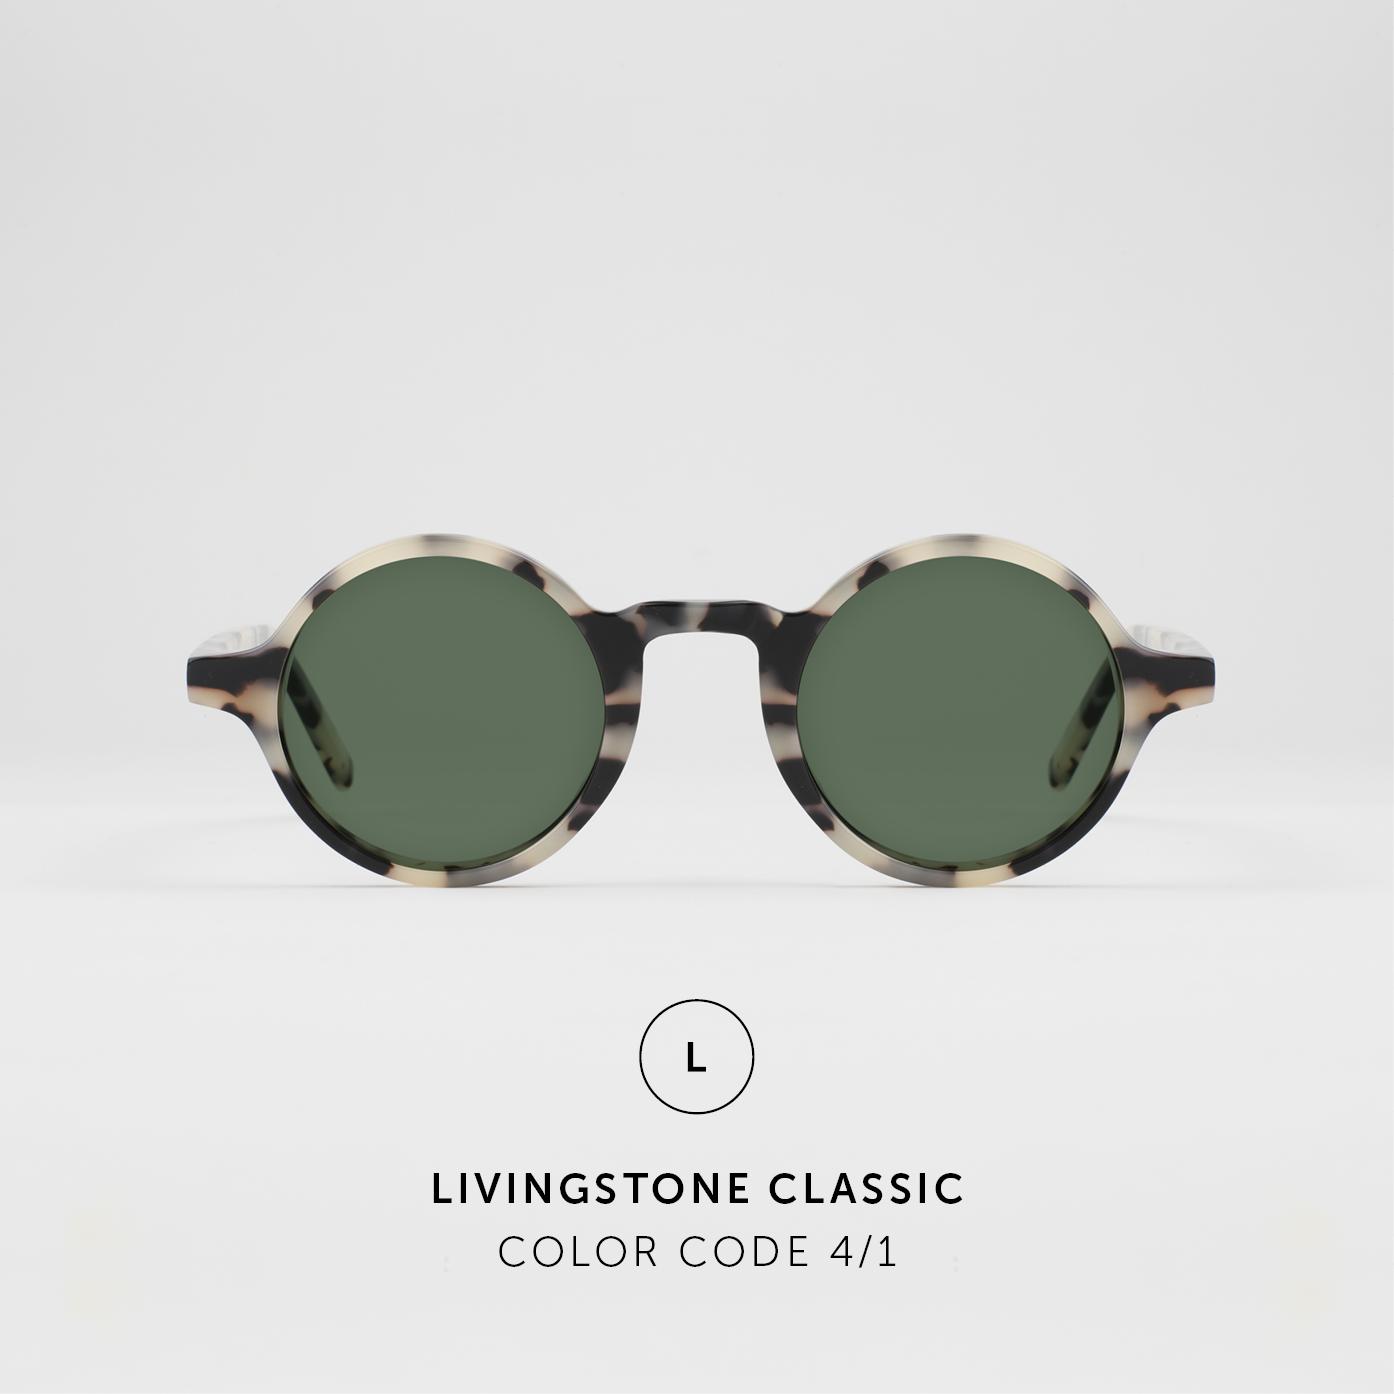 LivingstoneClassic23.jpg